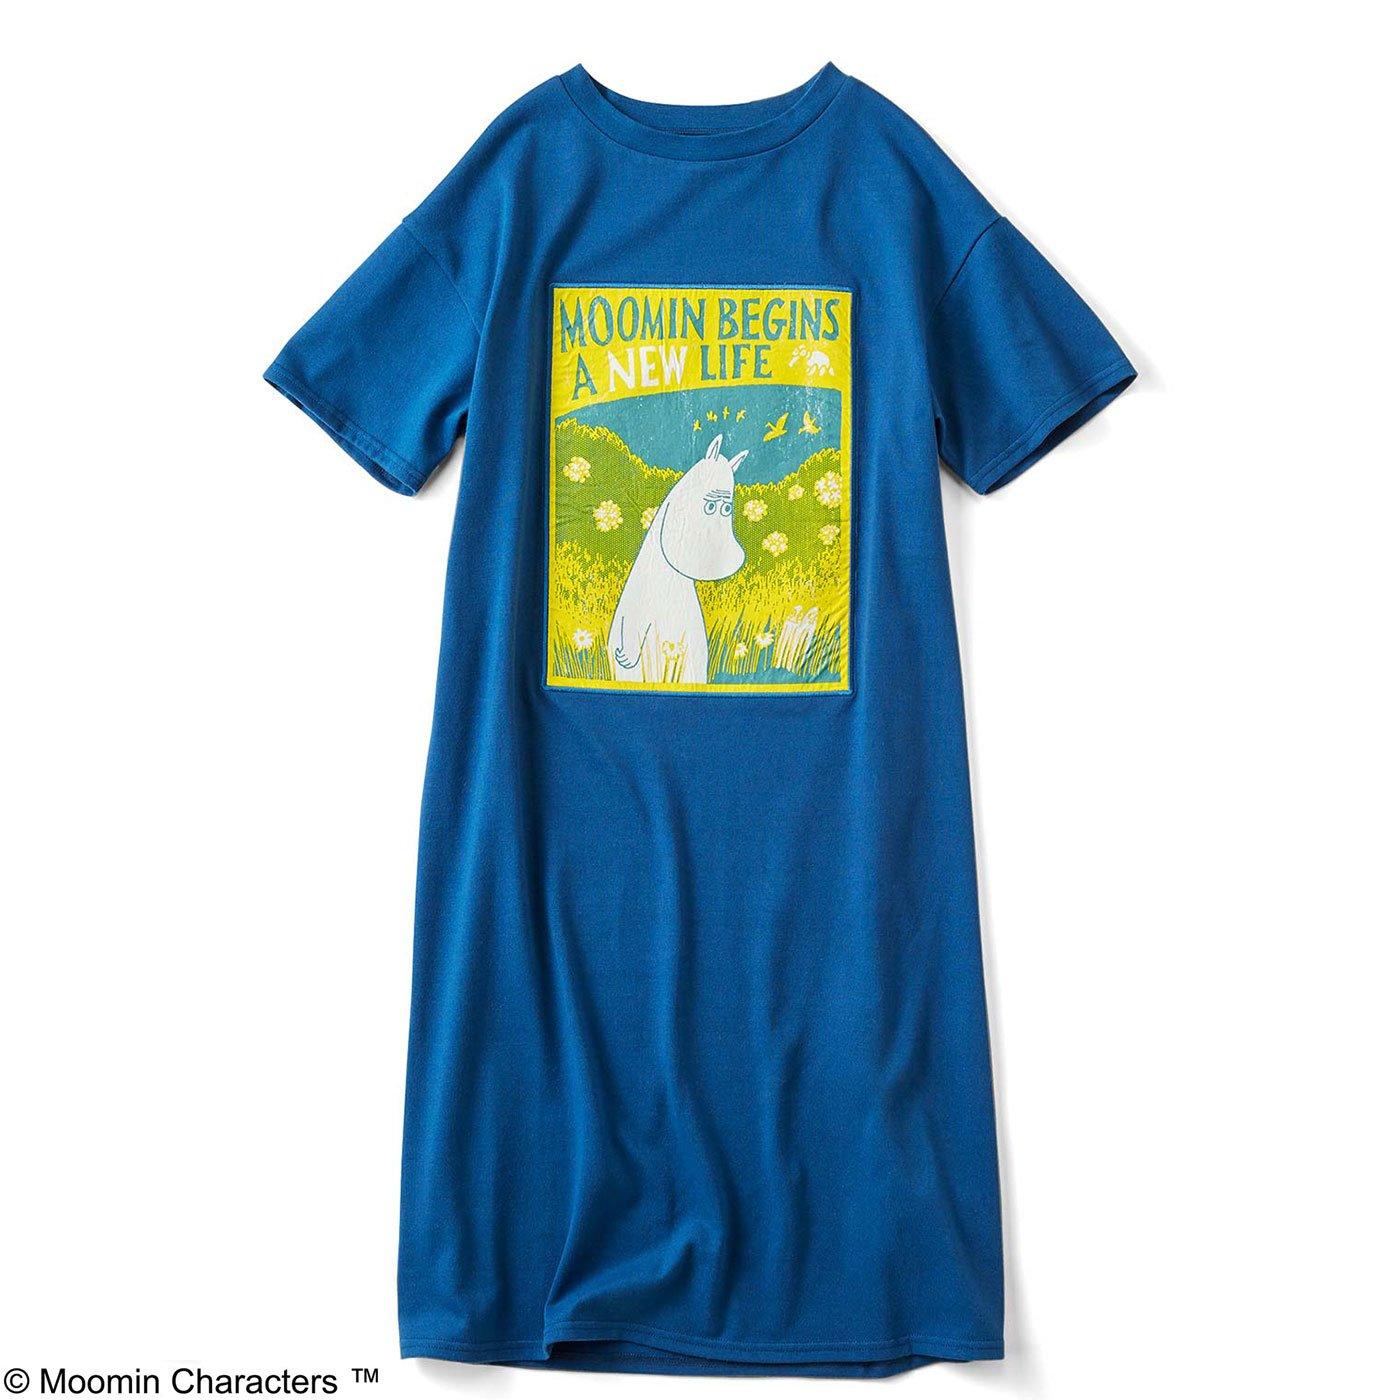 ポスター風プリントのTシャツワンピース〈ムーミン〉